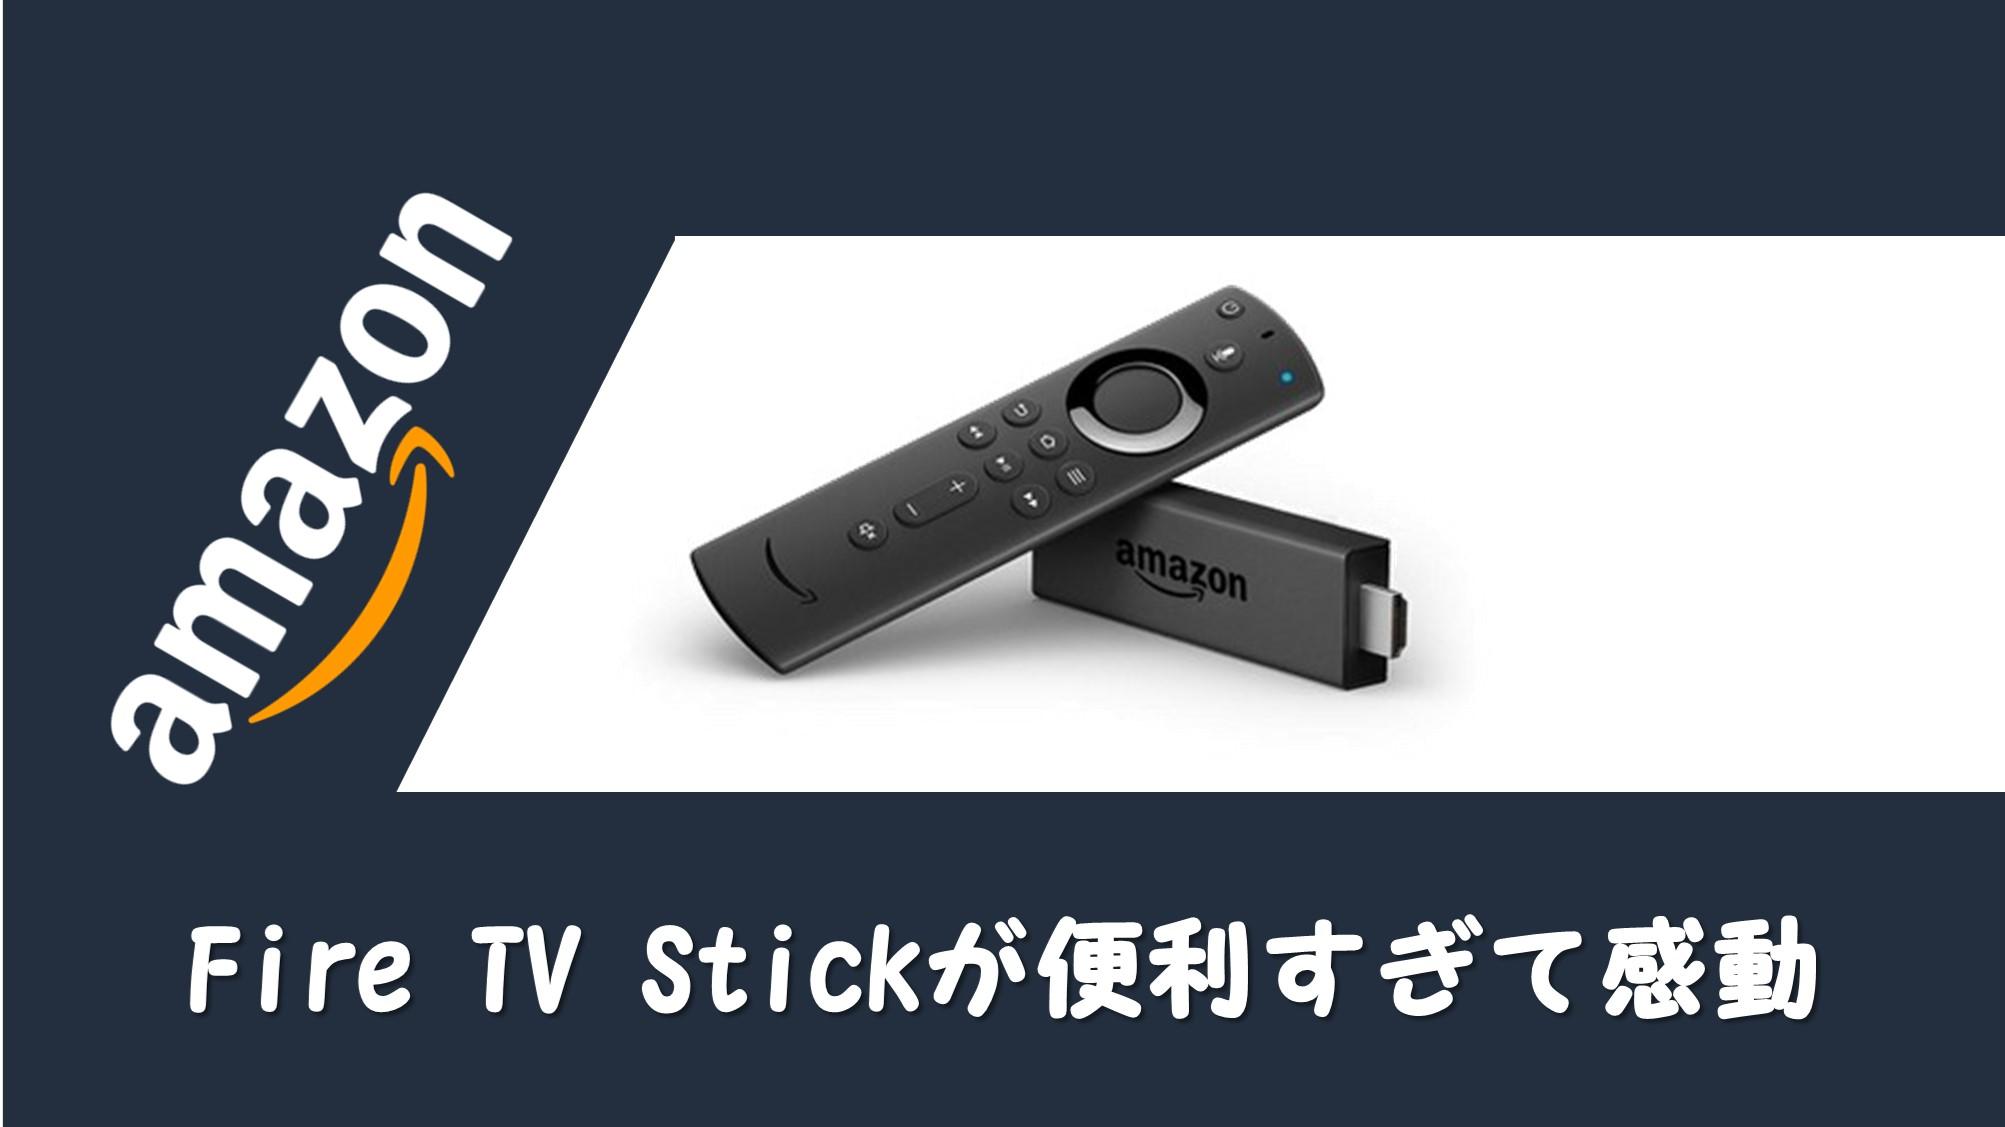 Fire TV Stickが便利すぎ!安く買う方法も紹介!